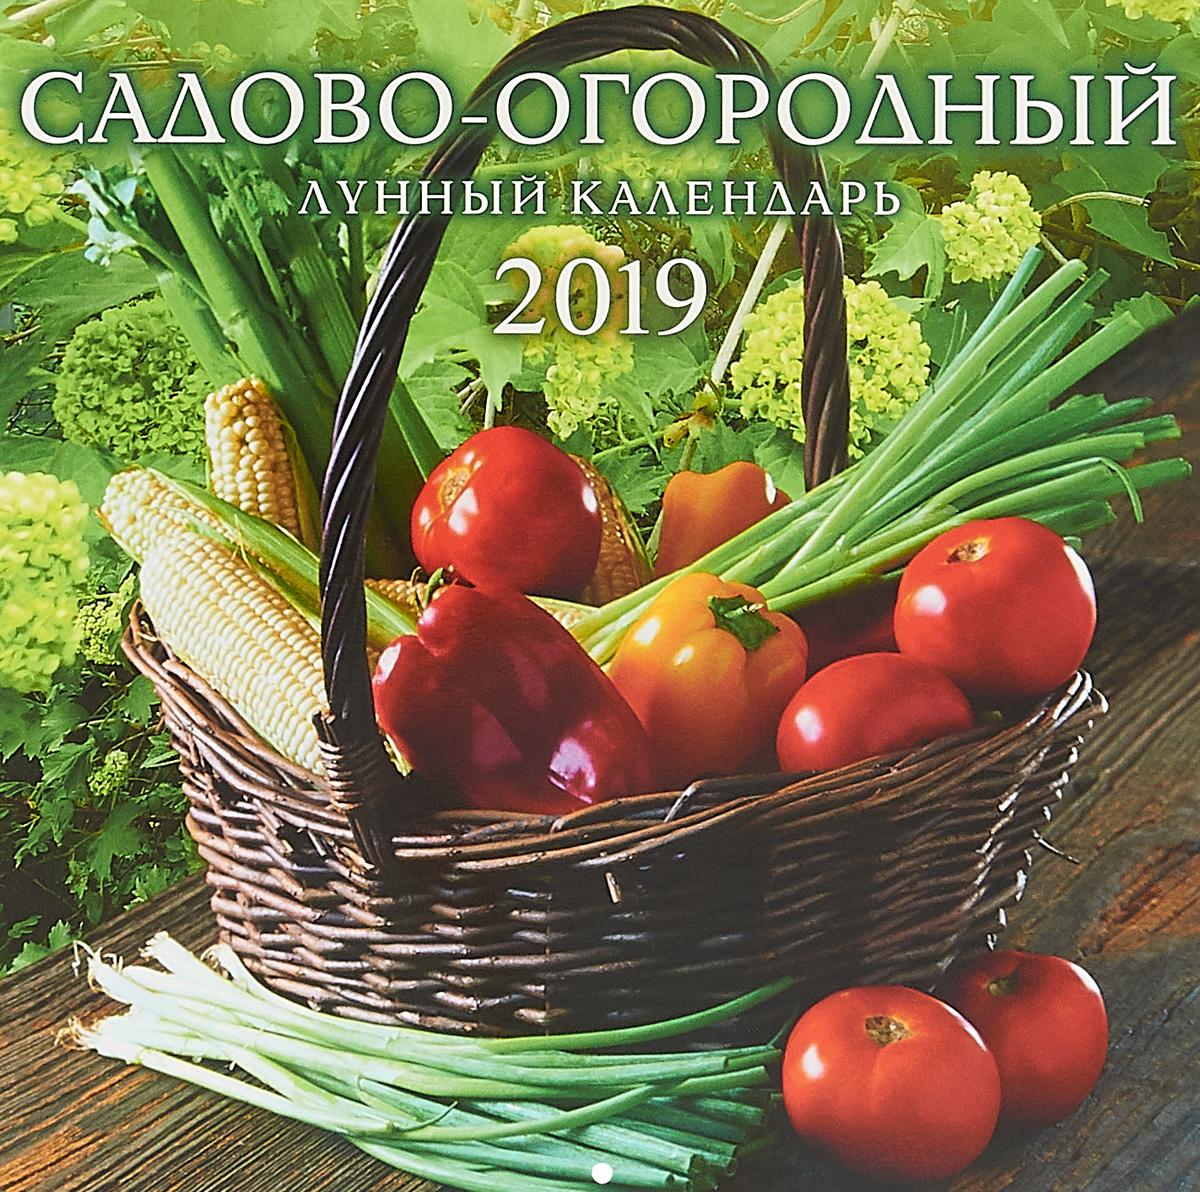 Садово-огородный лунный календарь. Календарь (285*285) 2019 цены онлайн